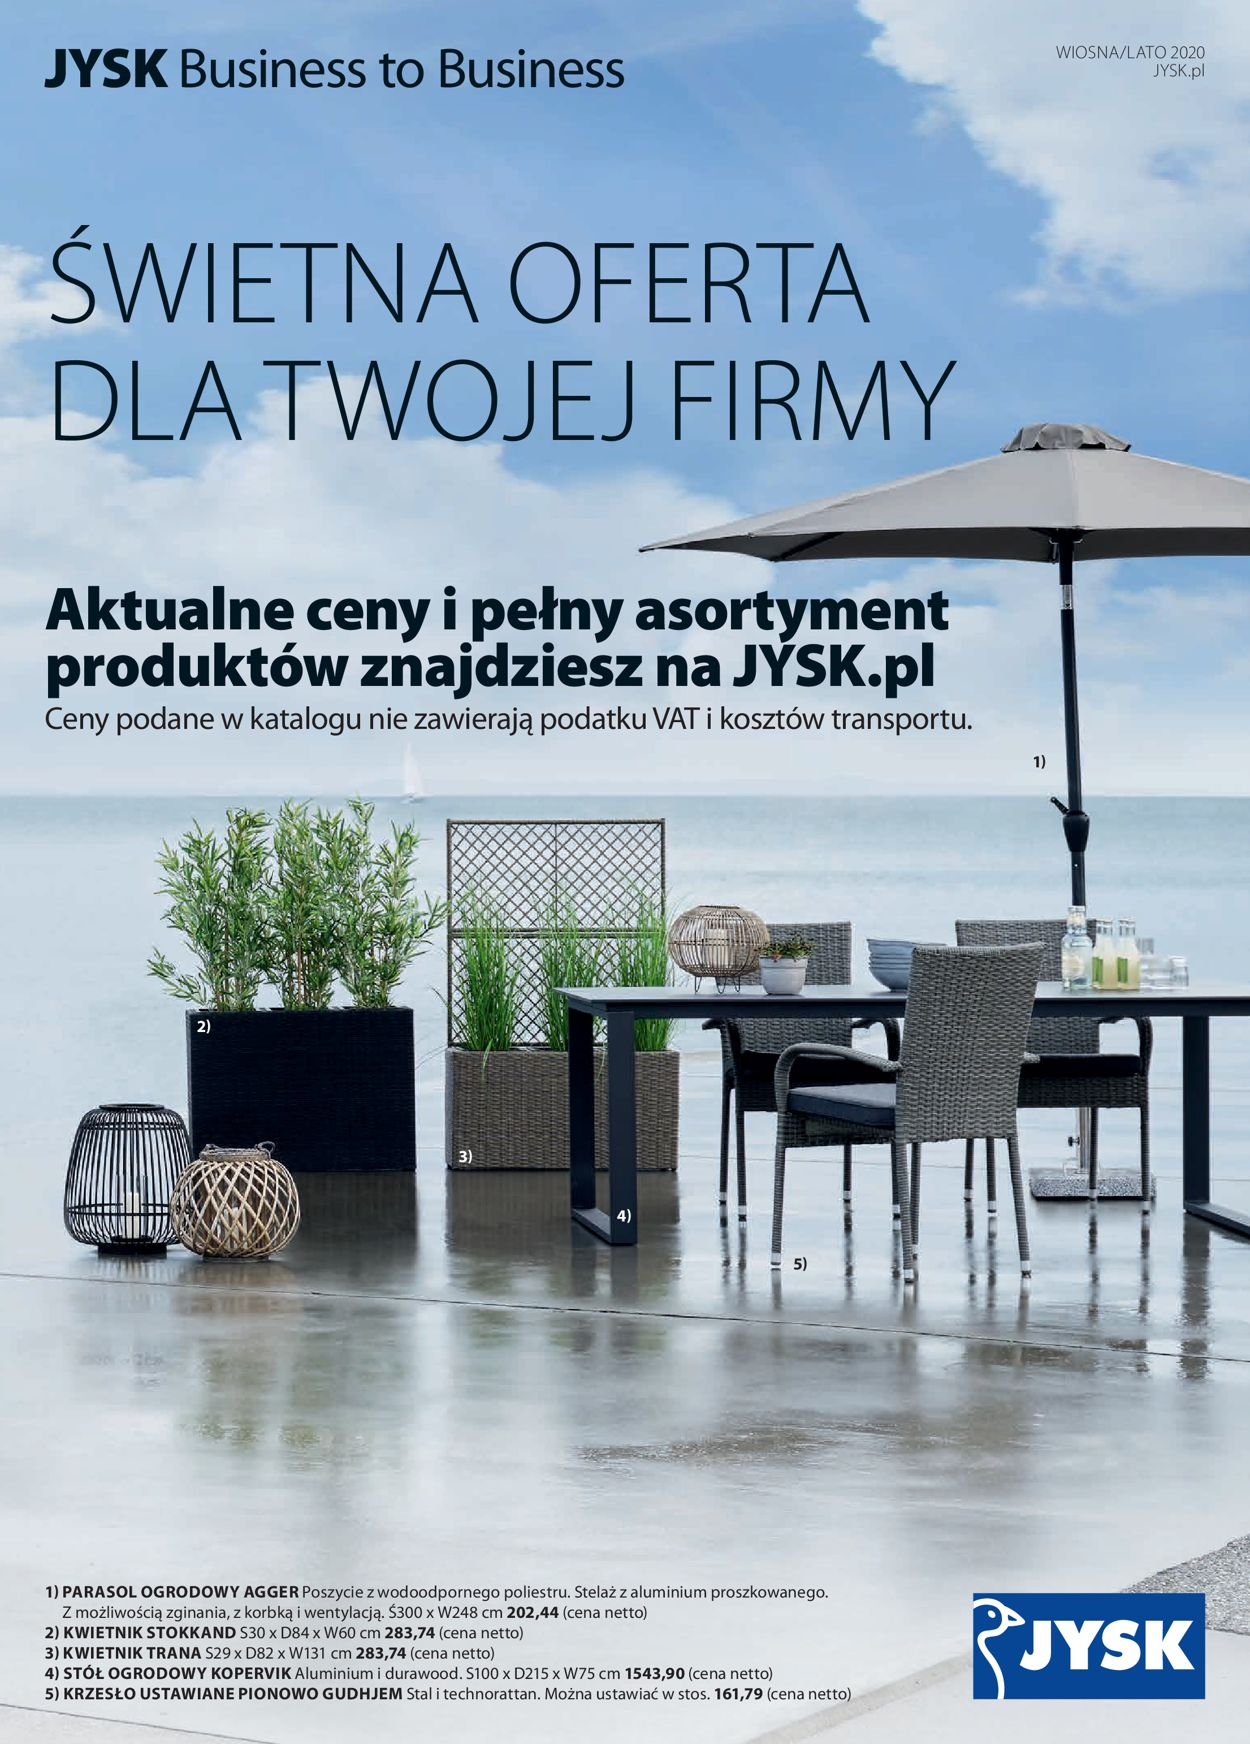 Gazetka promocyjna JYSK - 05.03-31.05.2020